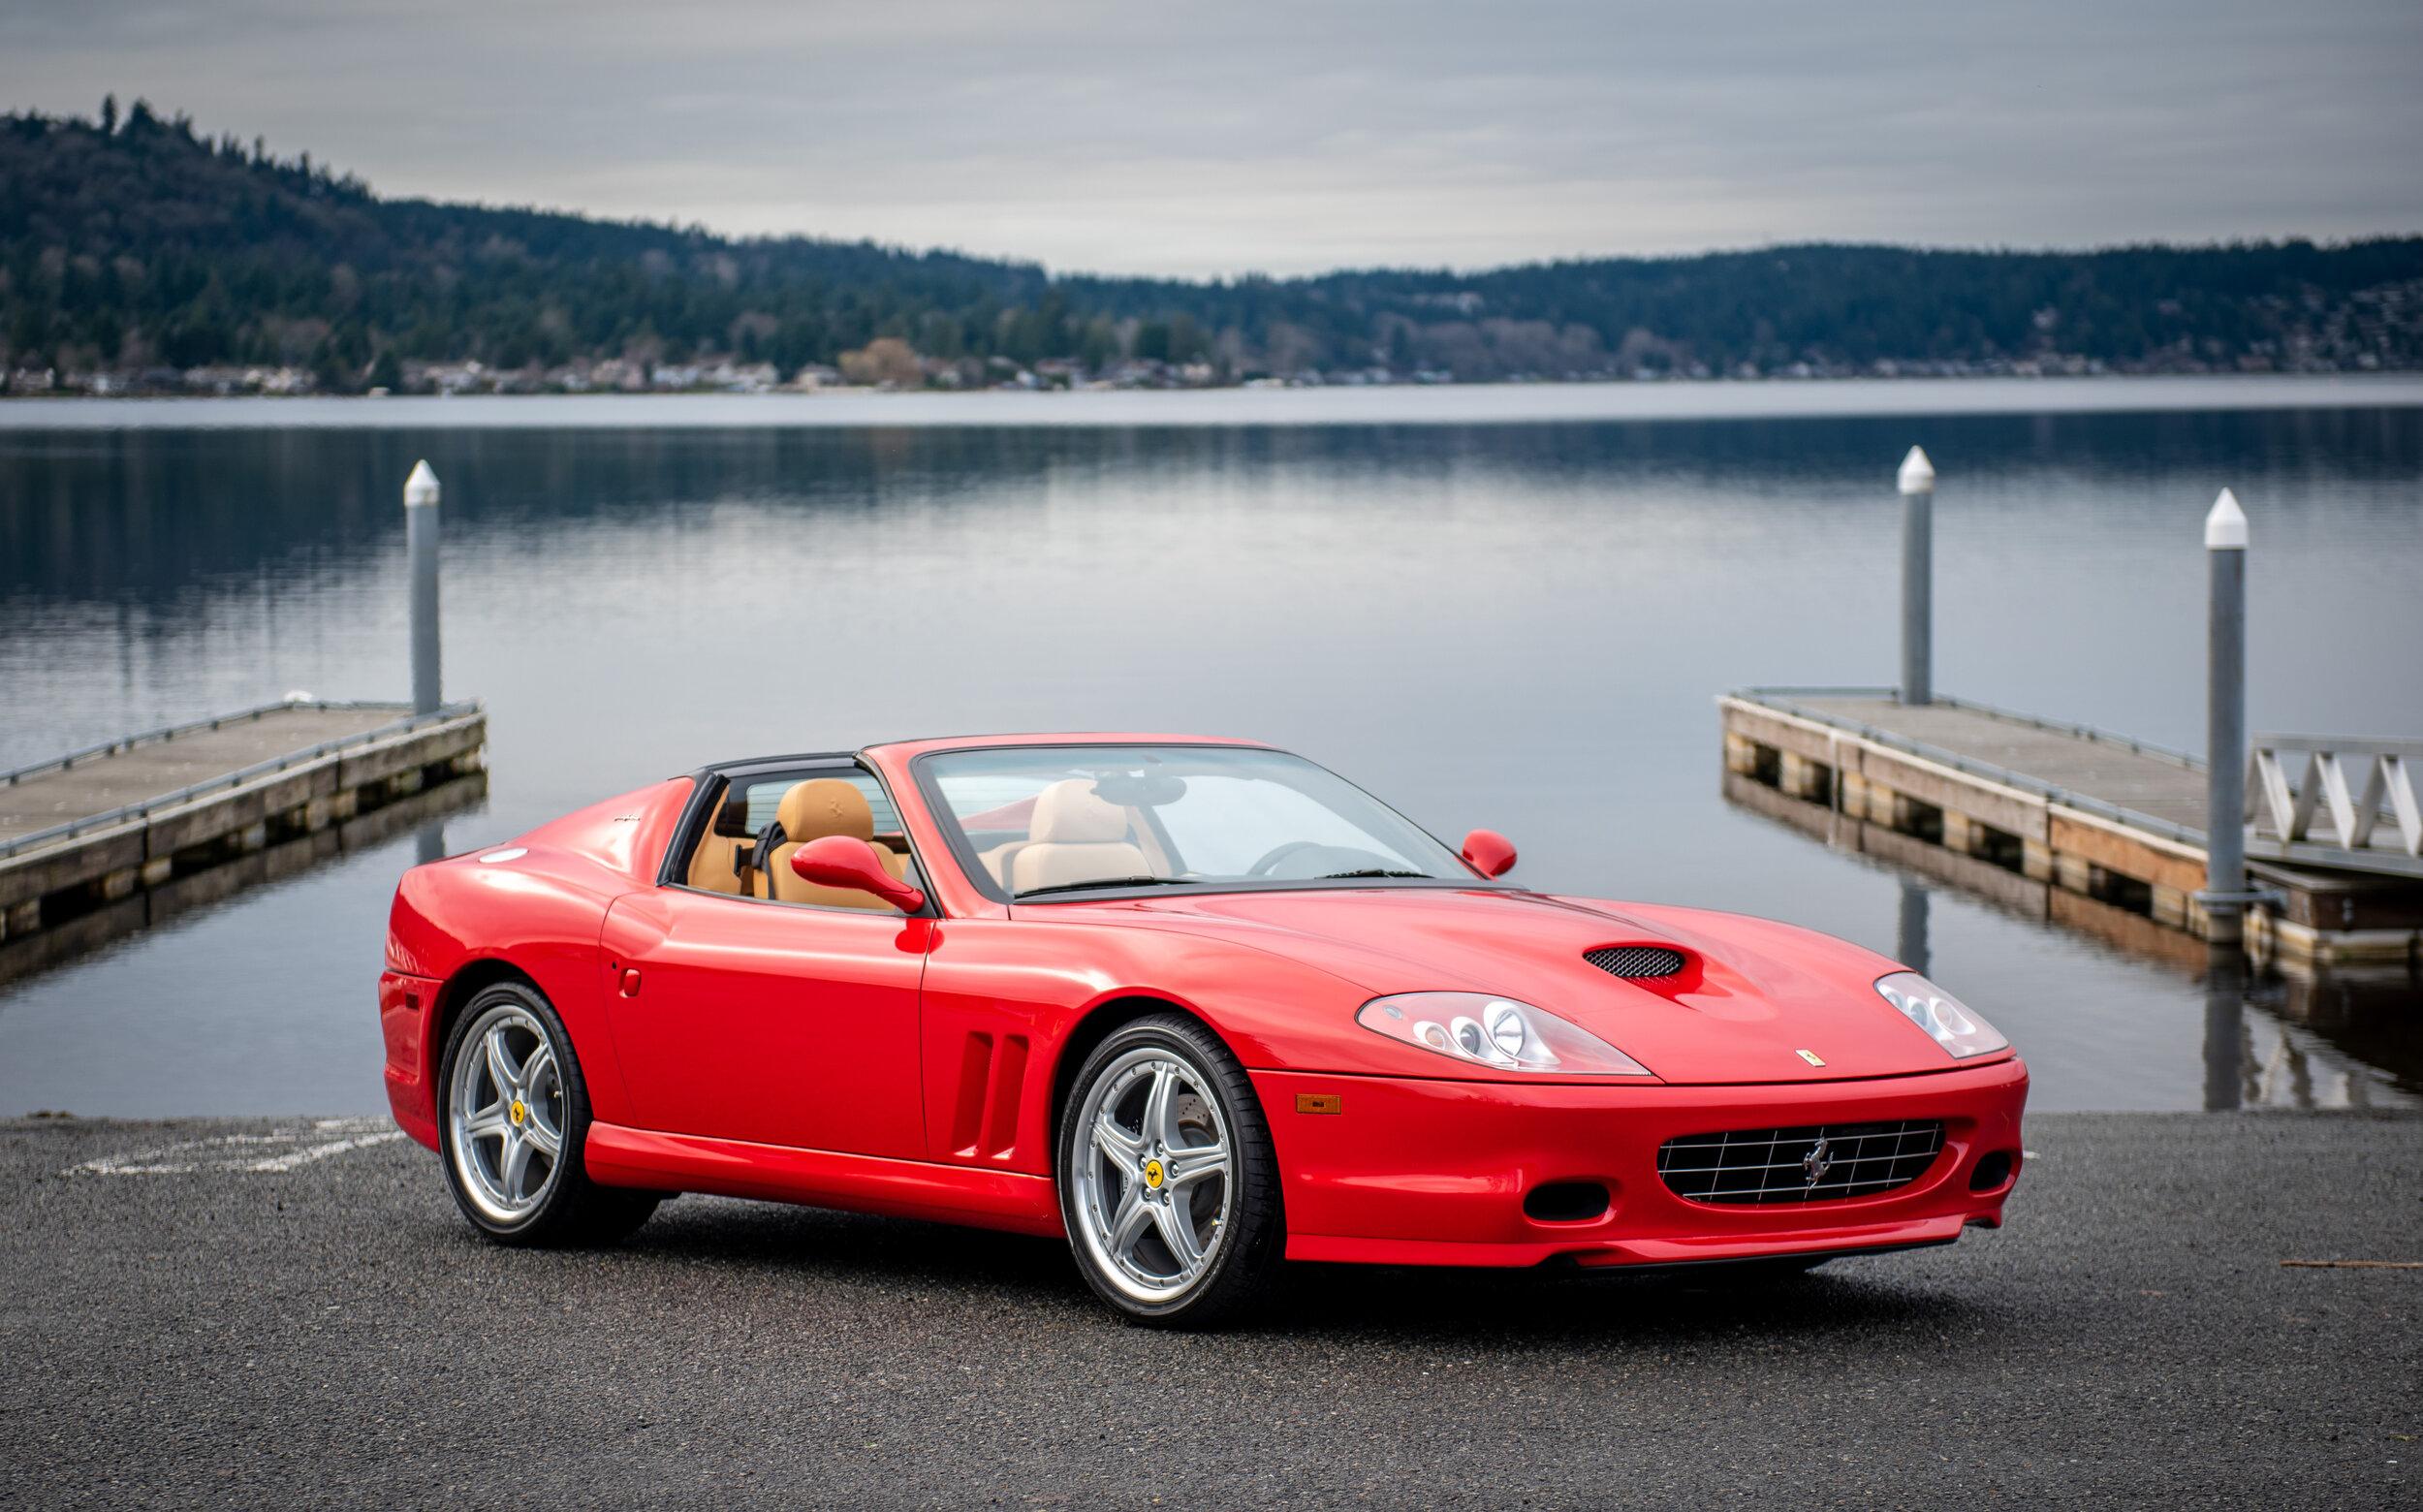 2005 Ferrari 575 Superamerica Northwest European